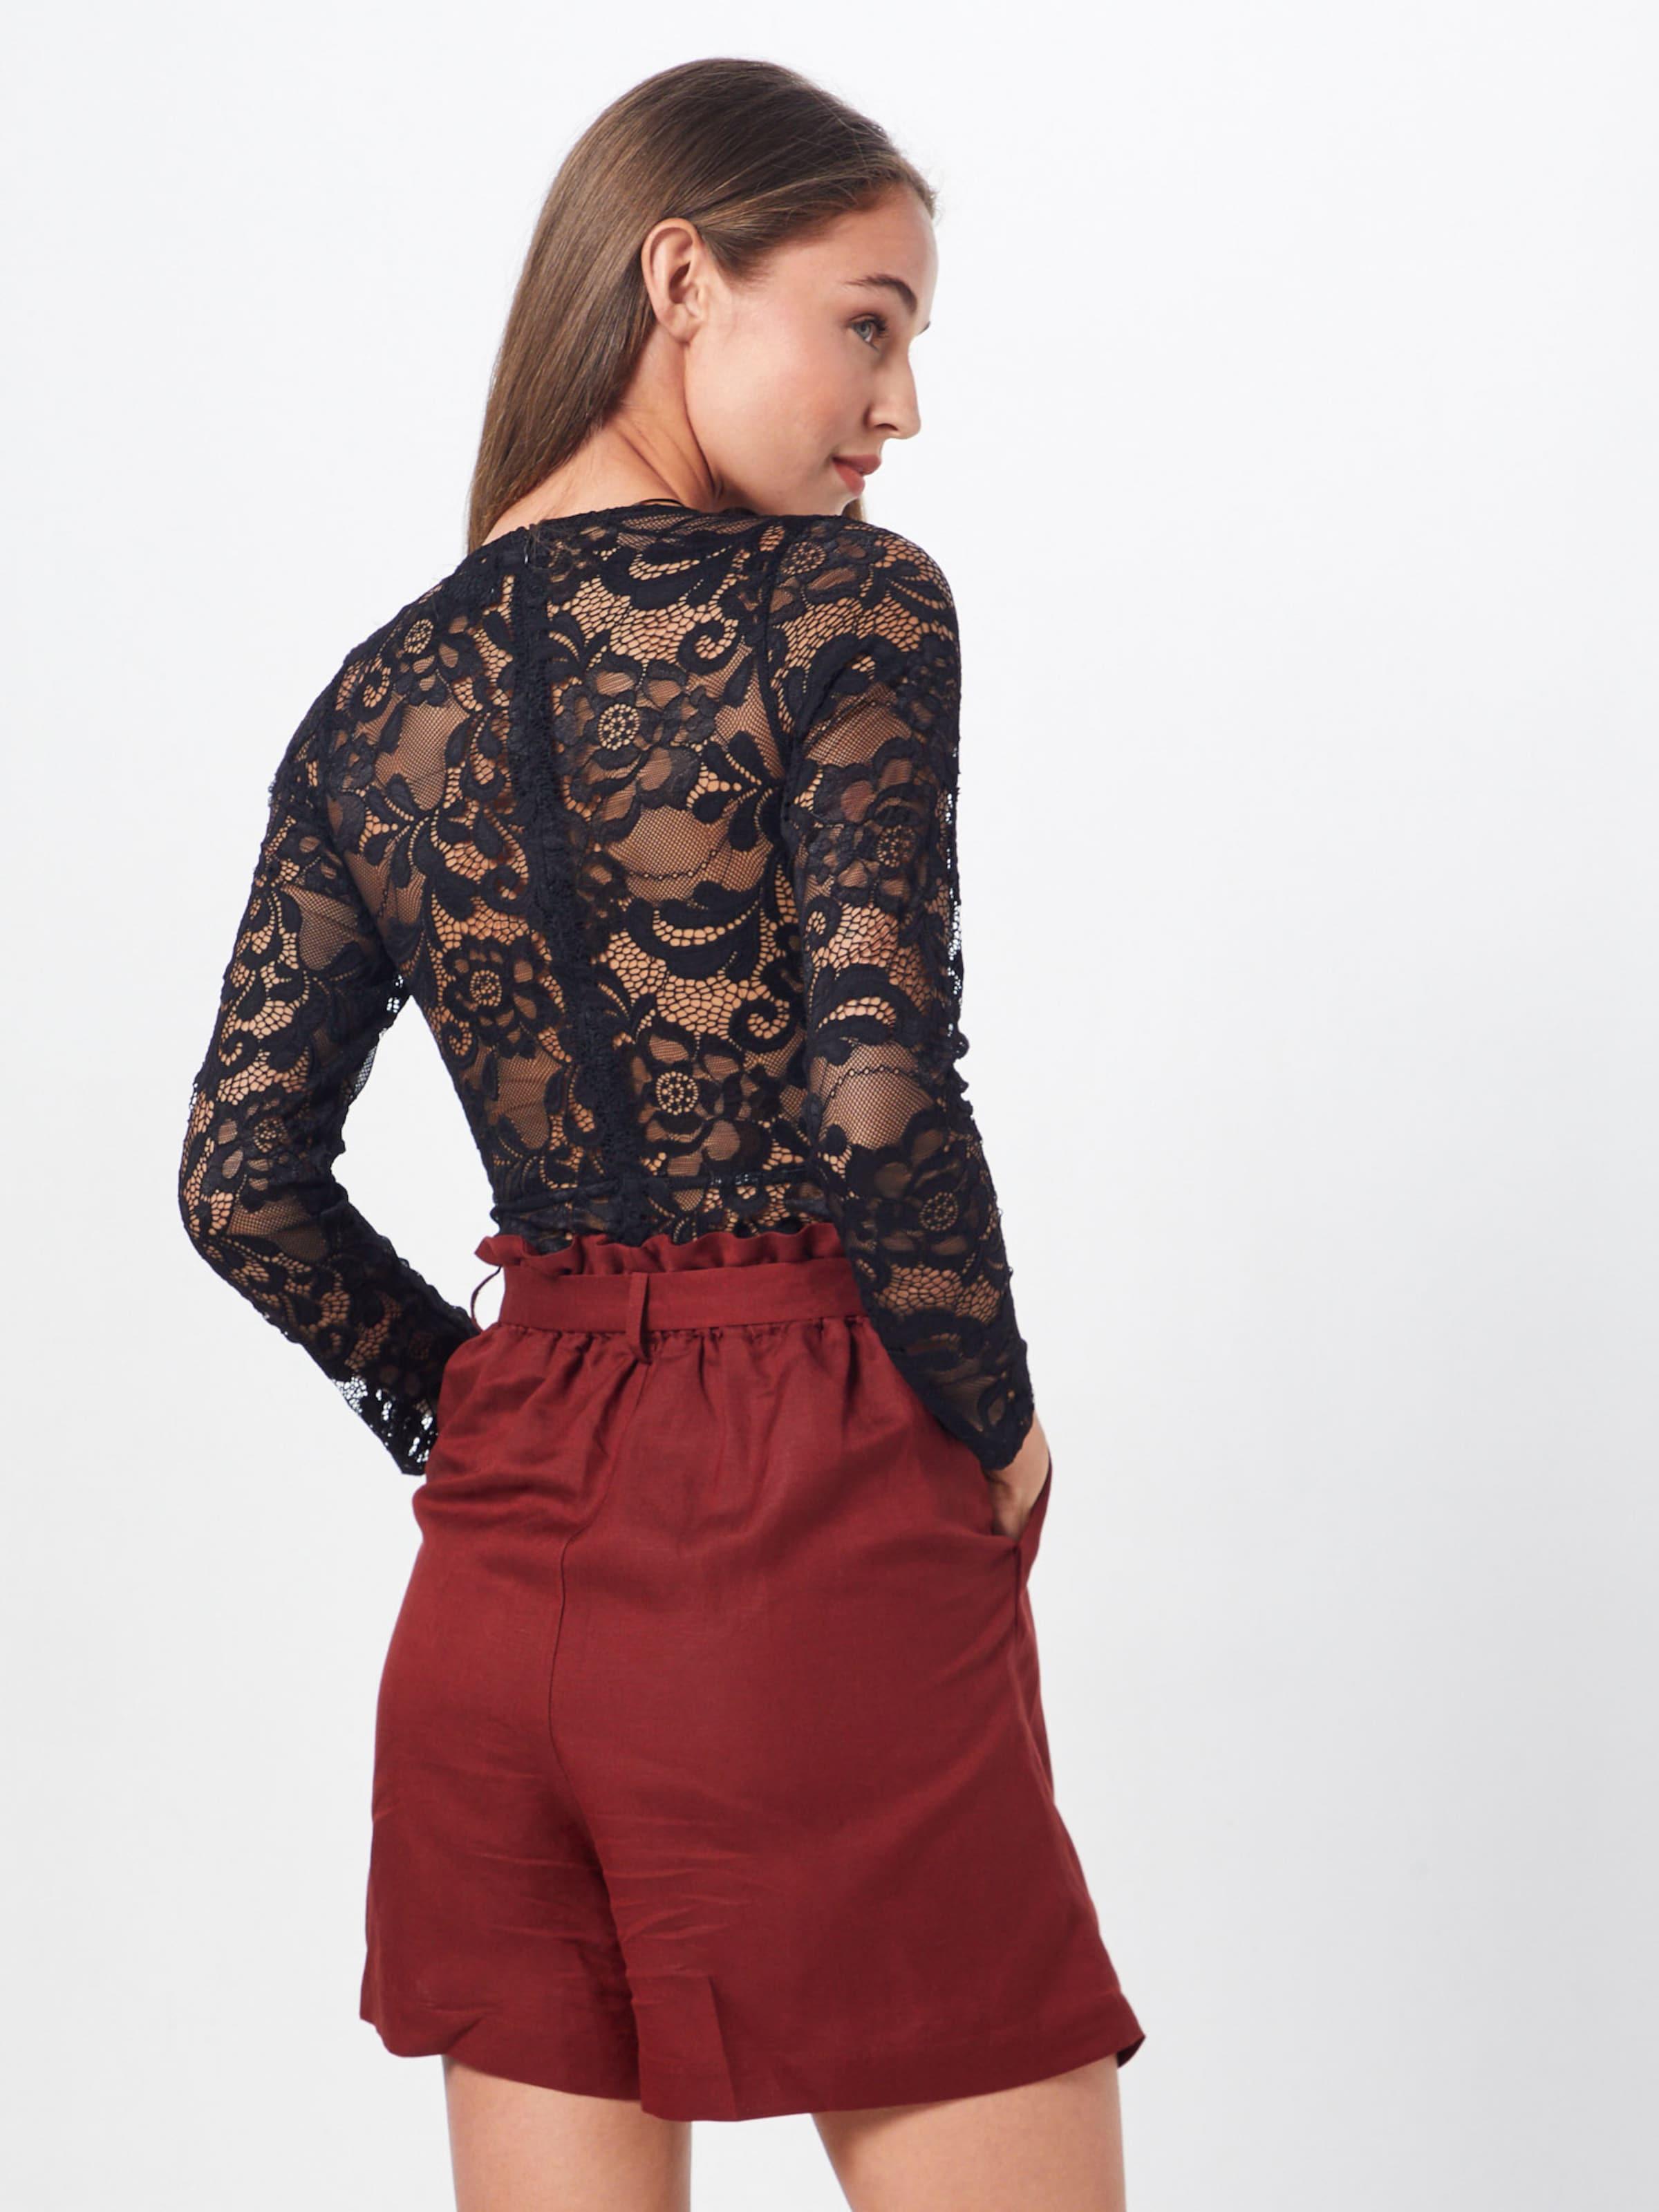 Lines En It Noir Parallel Linger' T 'let shirt wXOkn0P8